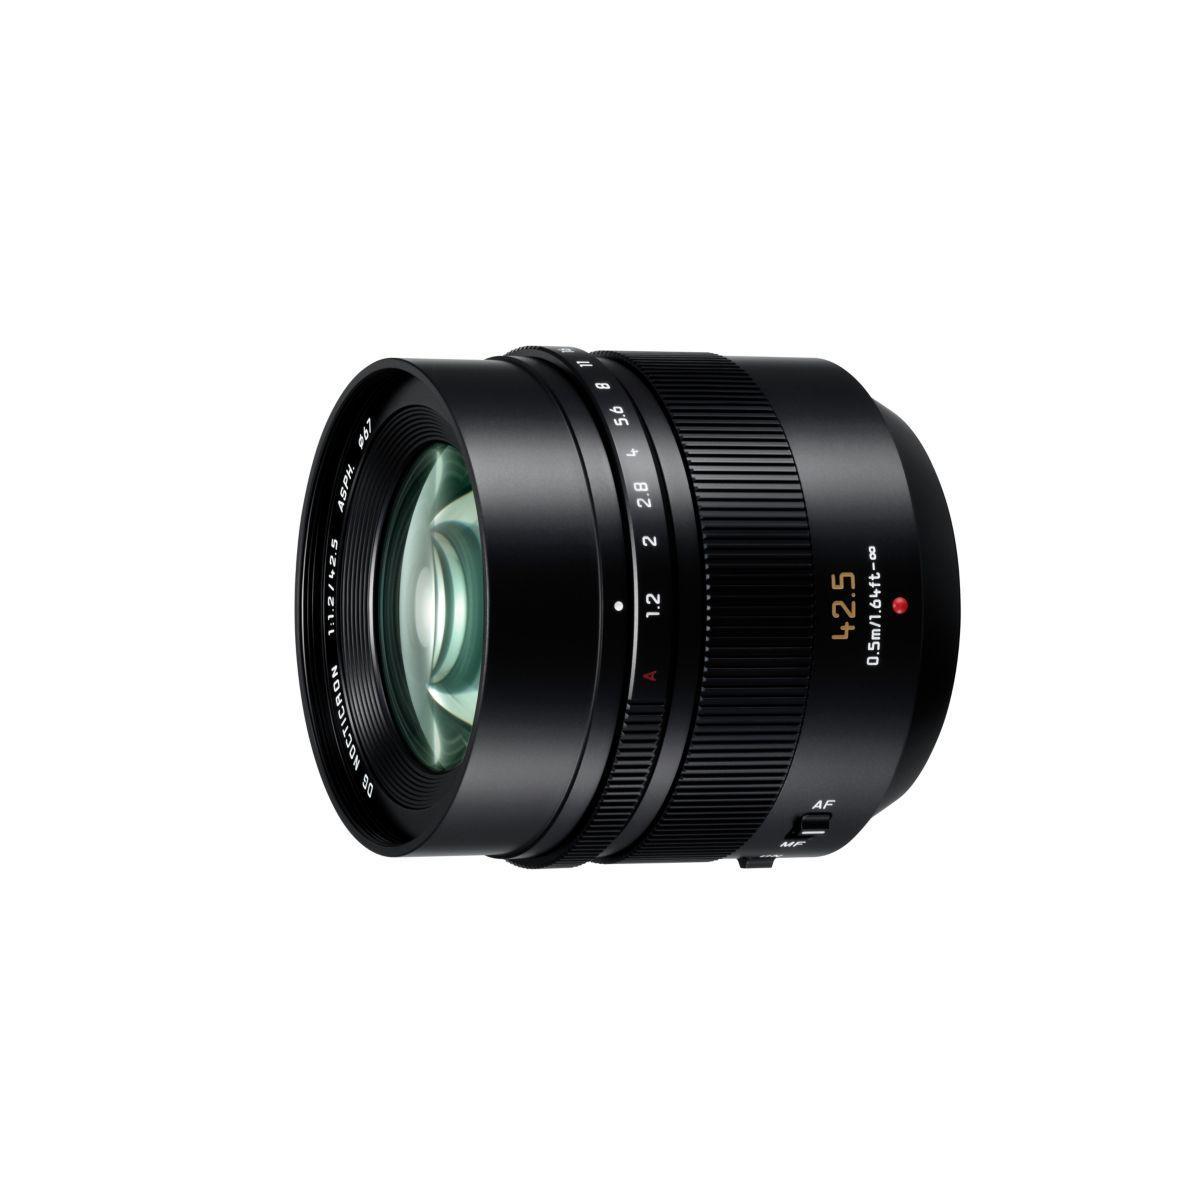 Objectif pour hybride panasonic 42,5mm f/1.2 ois leica dg noct...